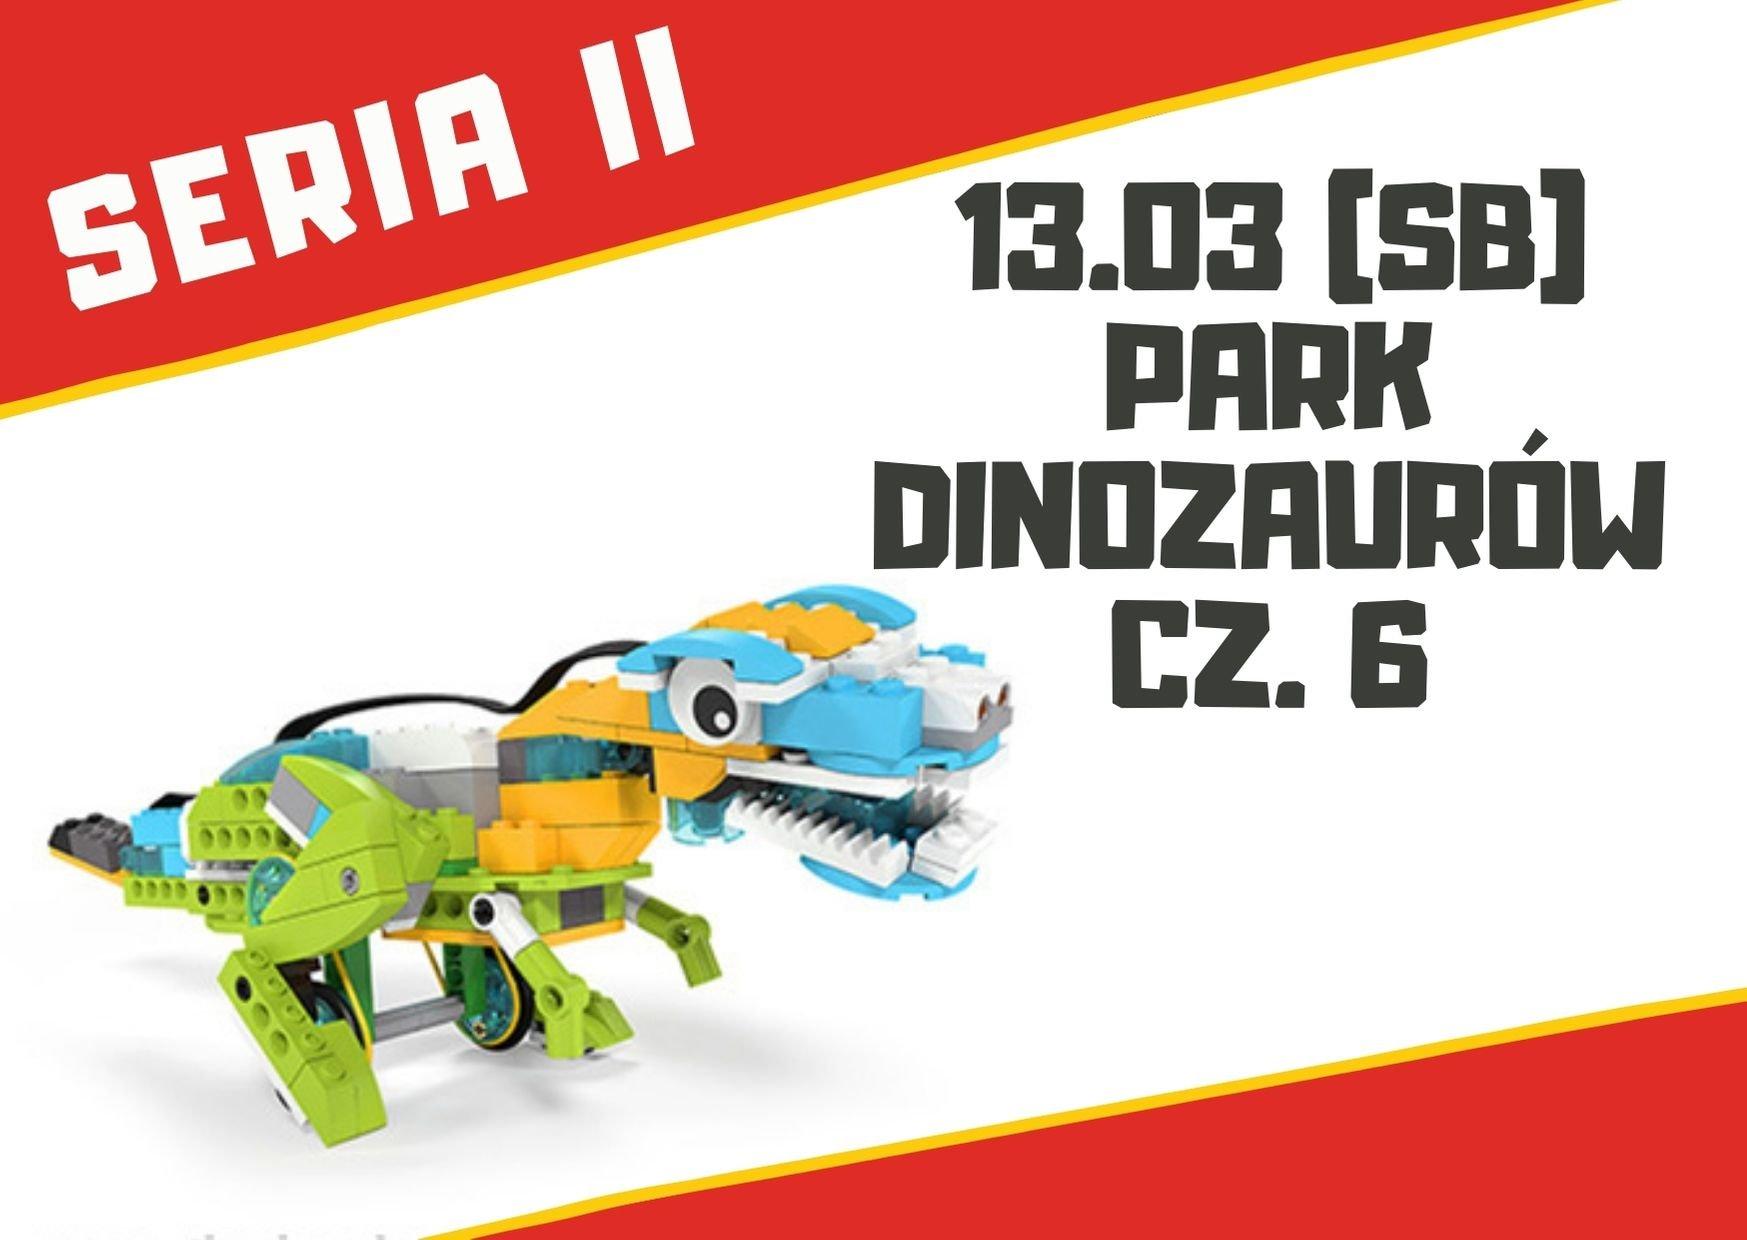 Park Dinozaurów cz. 6 – warsztaty robotyki dla dzieci 7+ lat